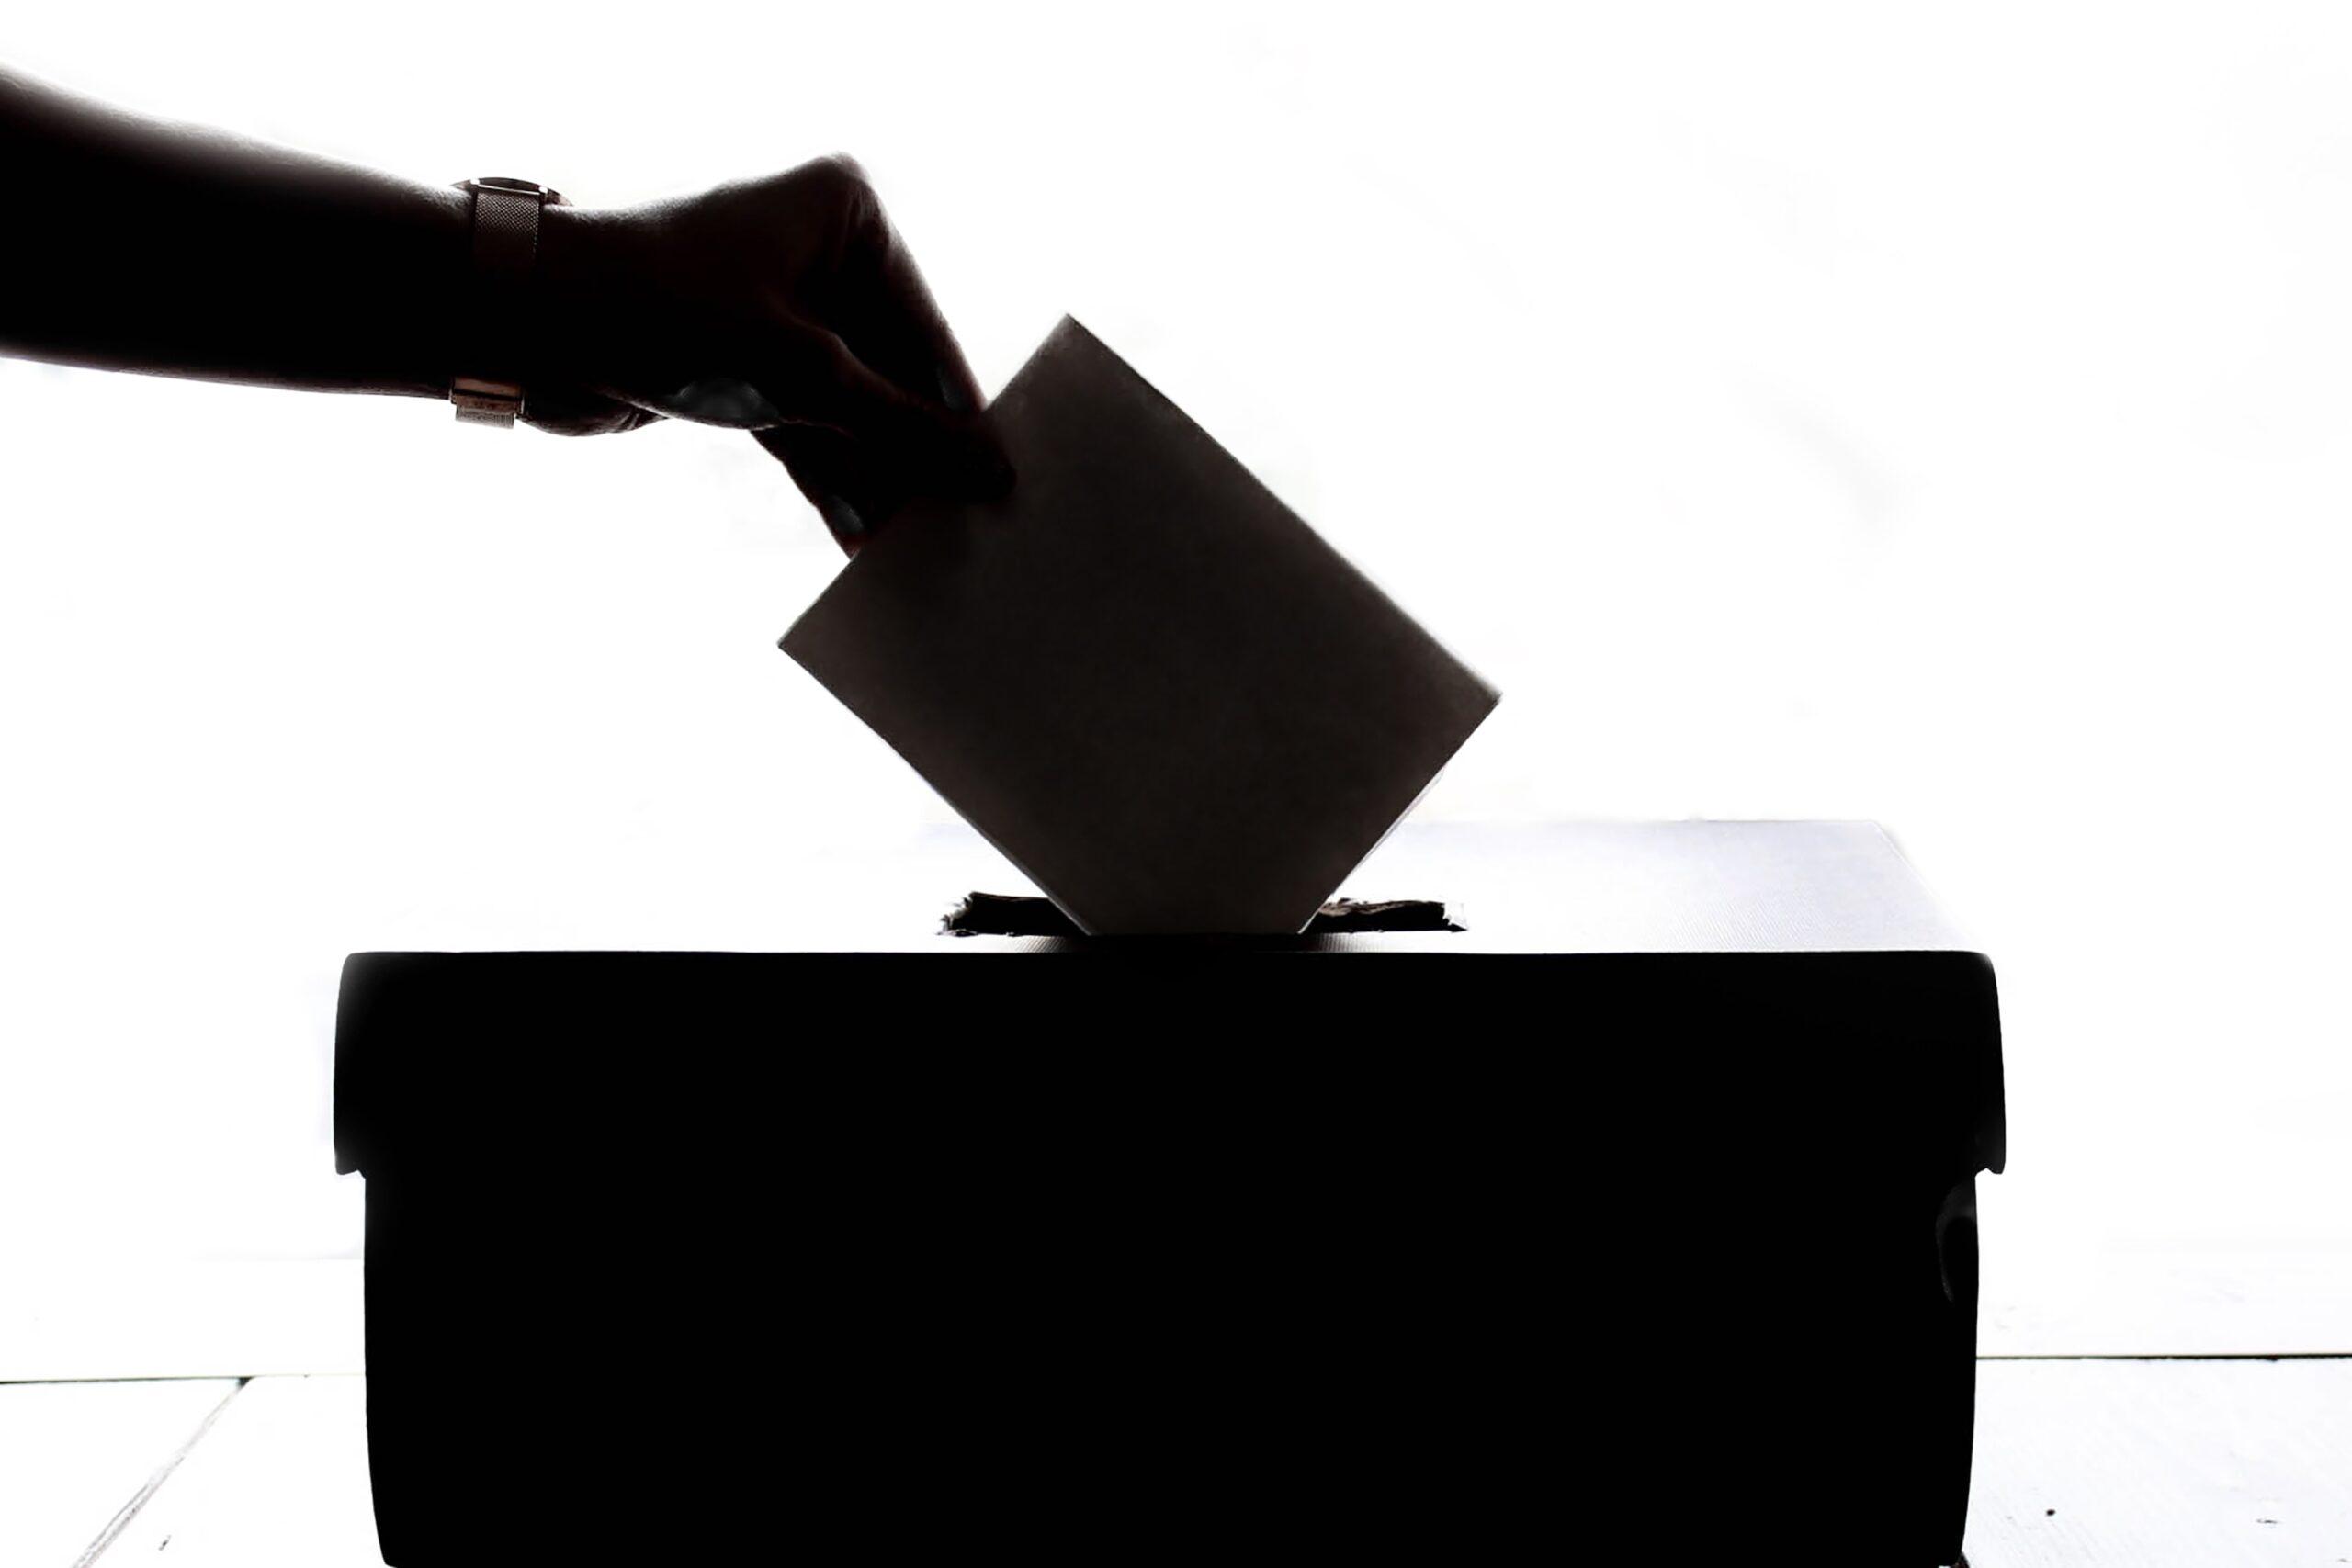 Legge elettorale: quali effetti su politici e cittadini?